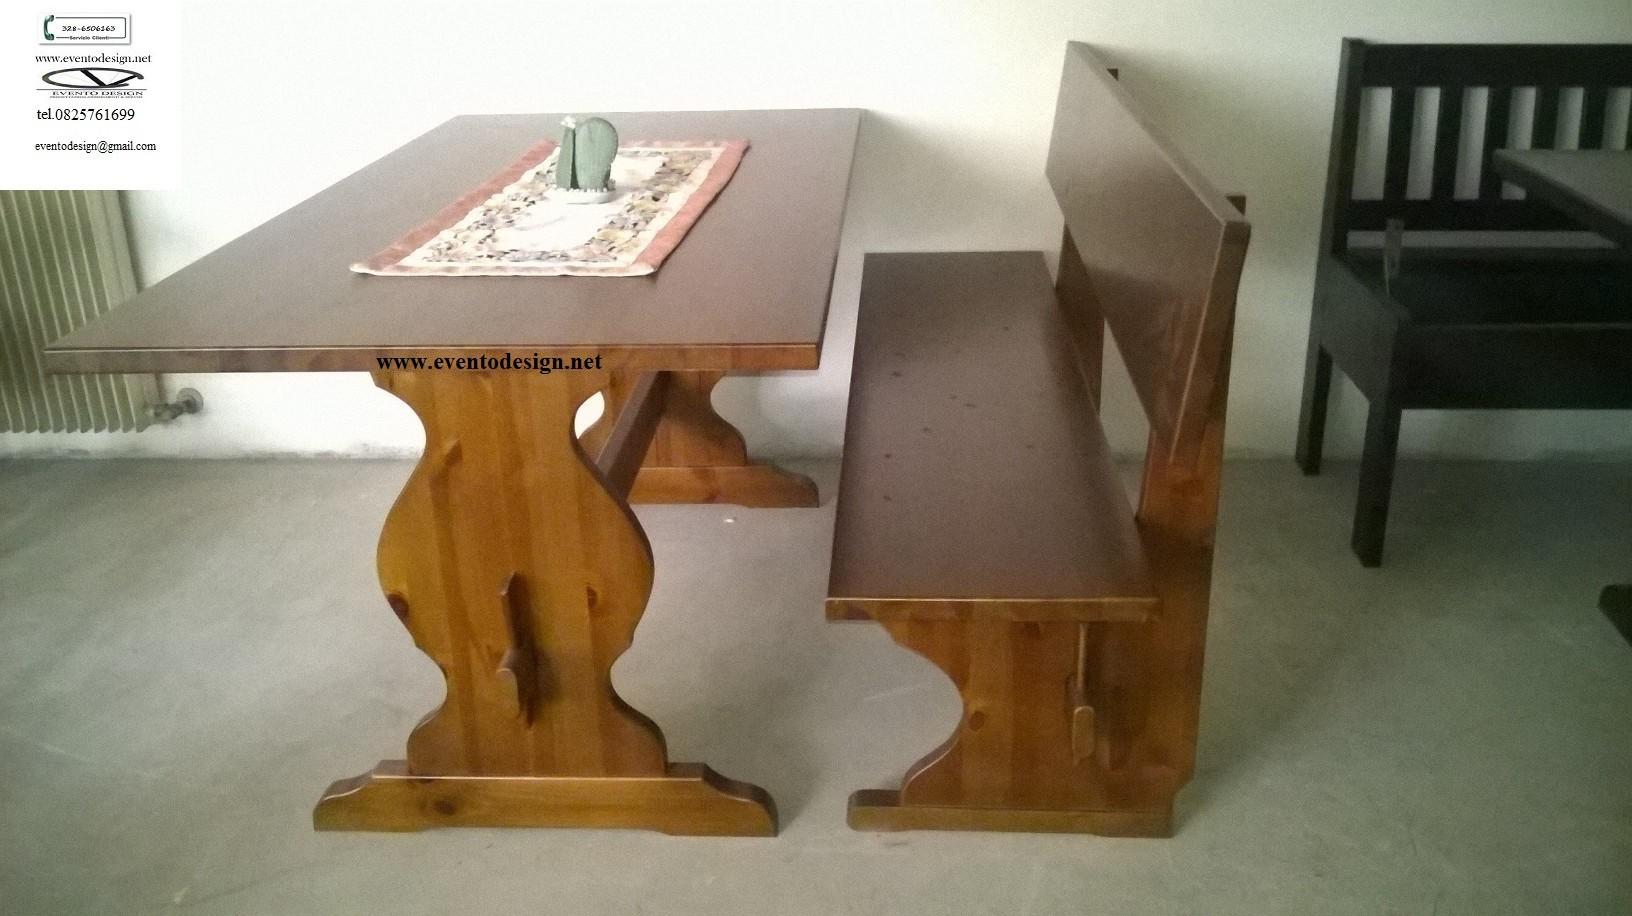 Per Sedie Tavoli LegnoRistorazione E Bar Con lFKJTc3u1